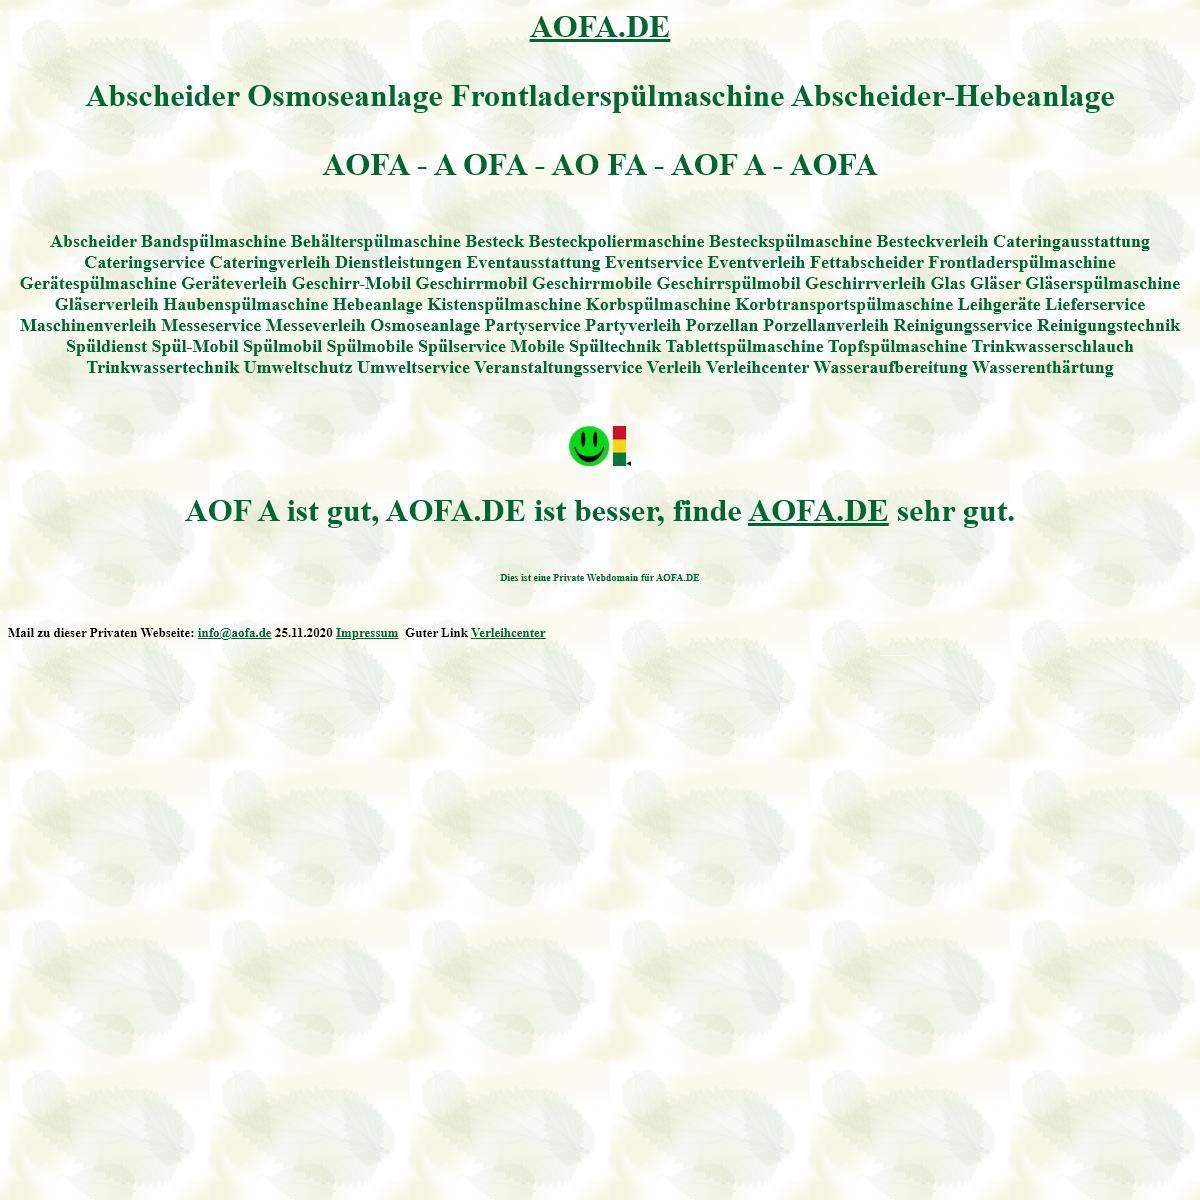 aofa Abscheider Osmoseanlage Frontladerspülmaschine Abscheider-Hebeanlage Spülmobil Verleih Geschirrmobil Mieten